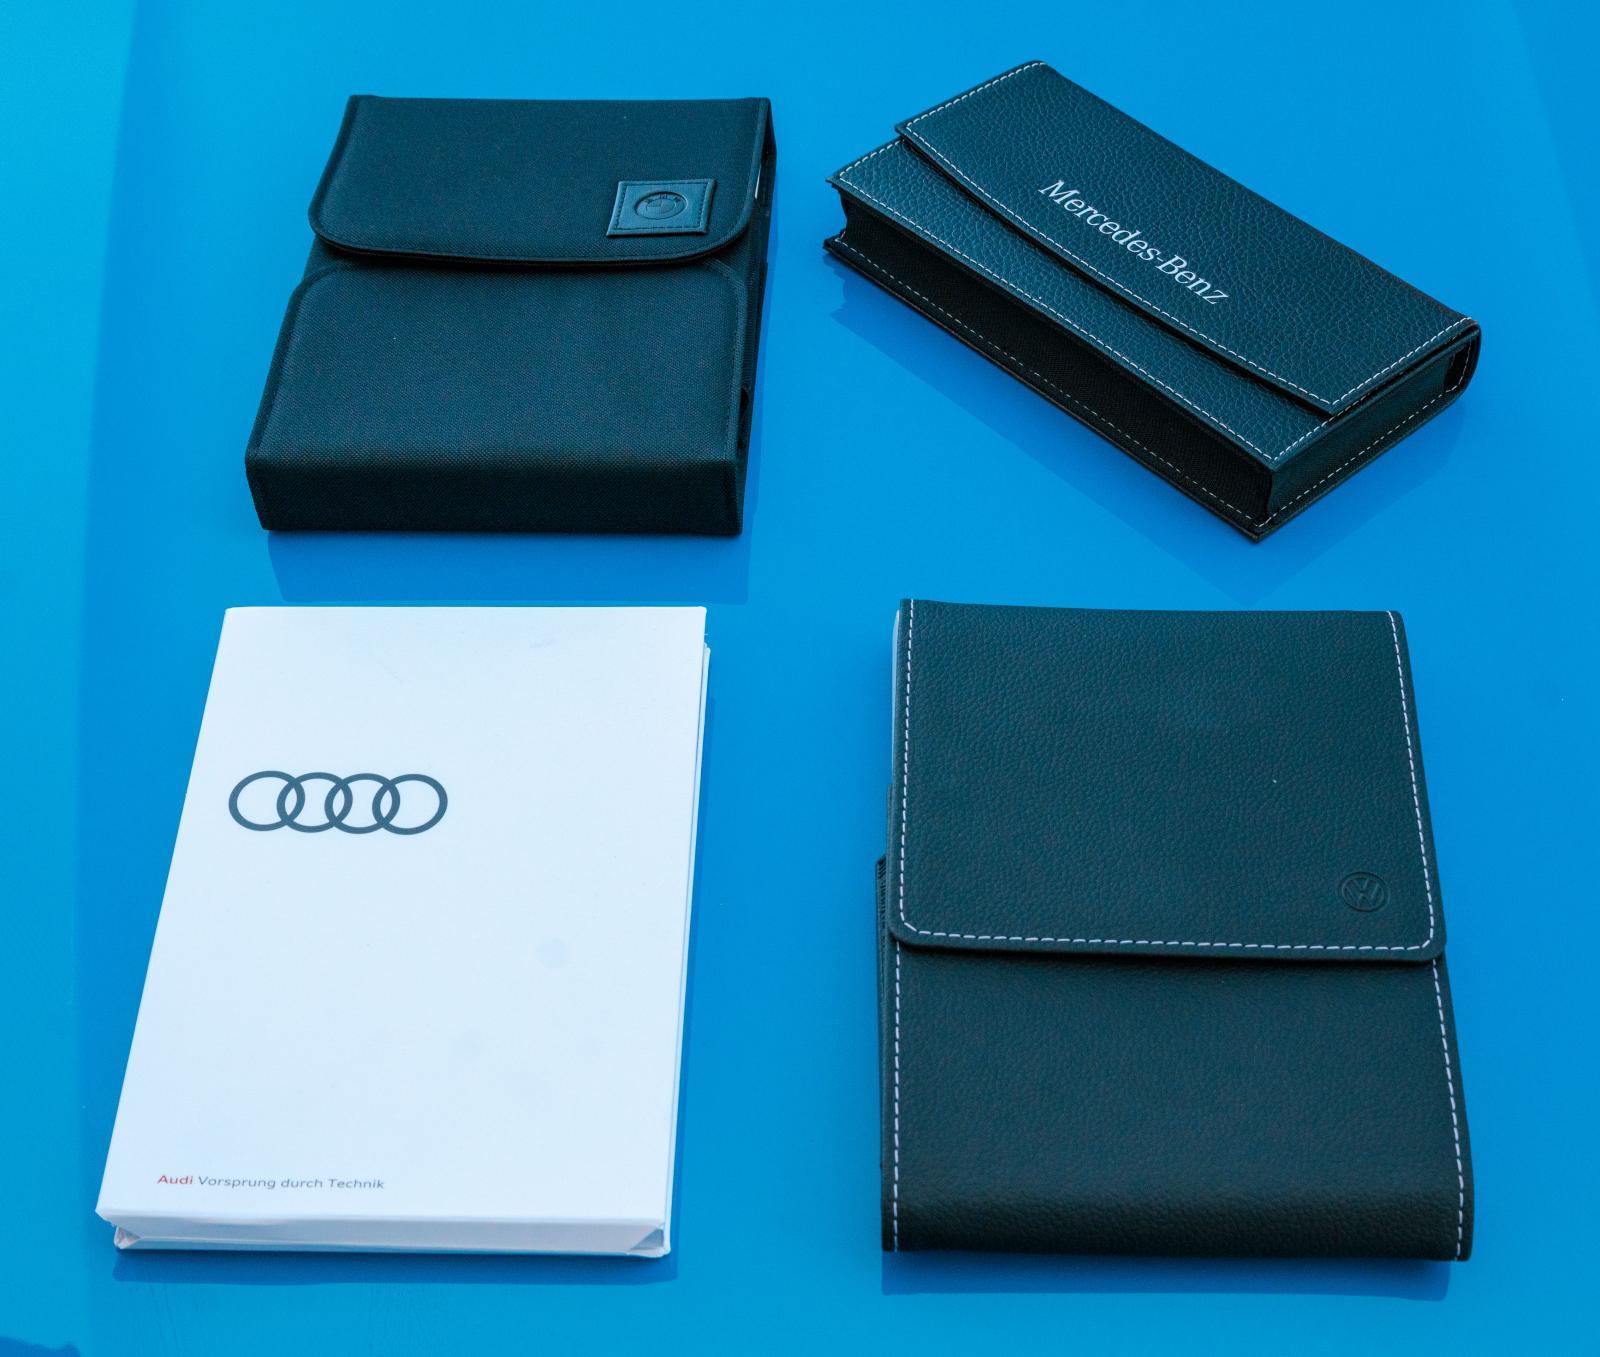 402 sidor BMW-manual (övre vänstra) levereras i textilfodral. Audis instruktionsbok huserar i ett mer miljövänligt pappersfodral. Mercedes och VW konstläderfodral har kontrastsömmar – påkostat.